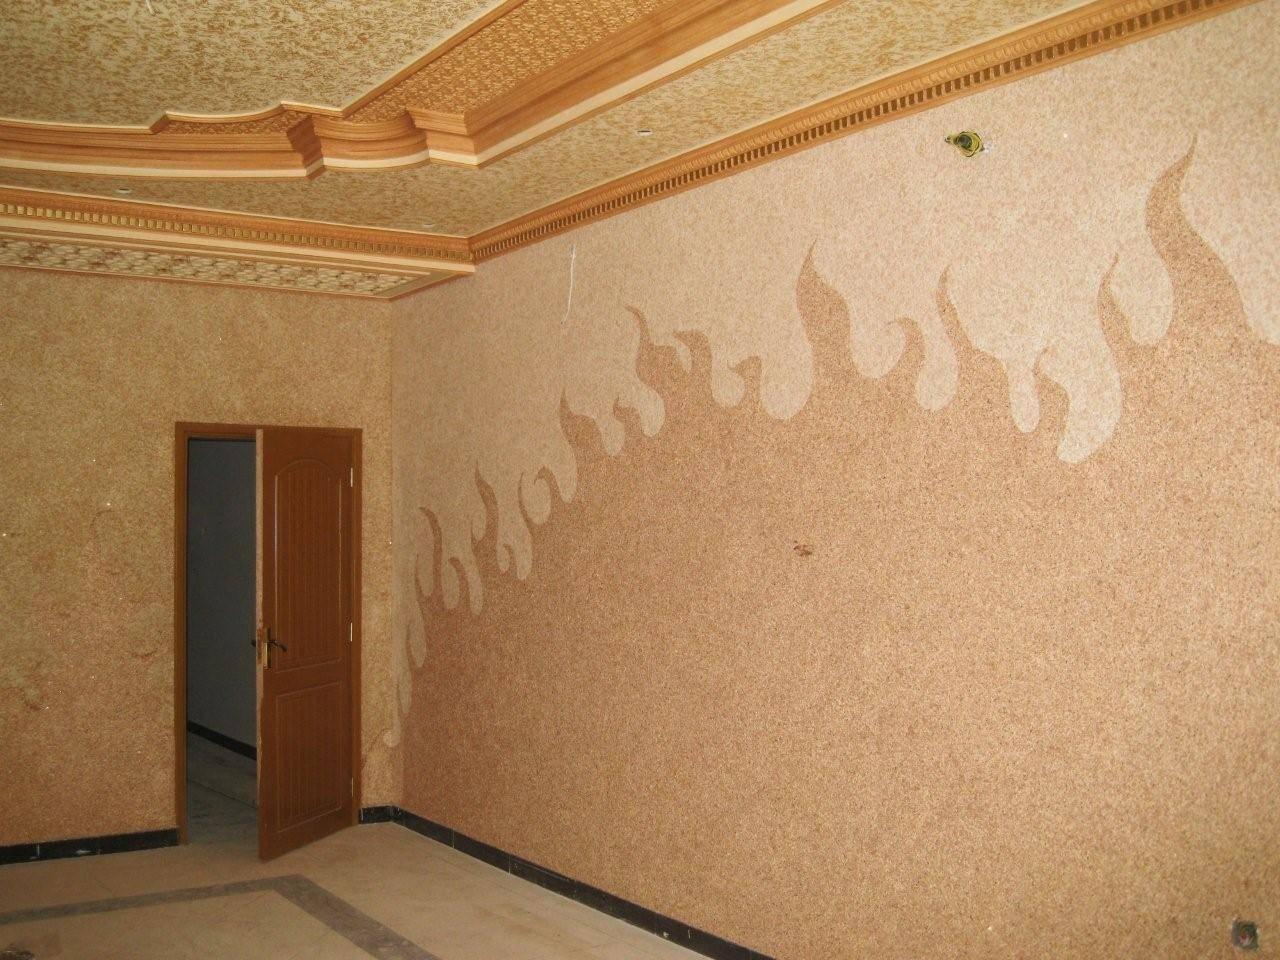 Особенности нанесения декоративной штукатурки на потолок. пошаговый процесс с фото и видео